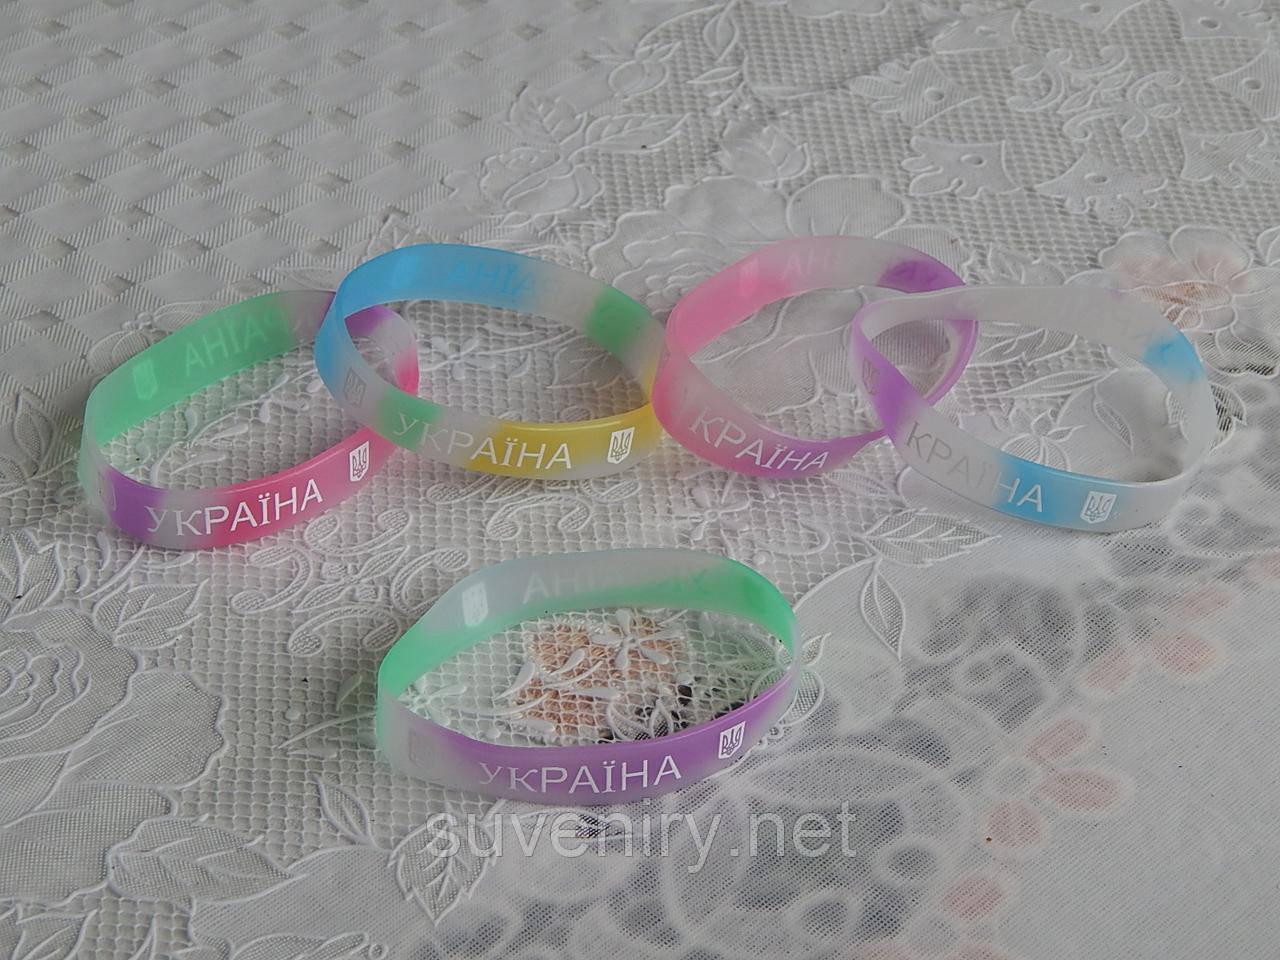 cb491f9d5c52b2 Фосфорные силиконовые браслеты на руку с надписью Украина только ...